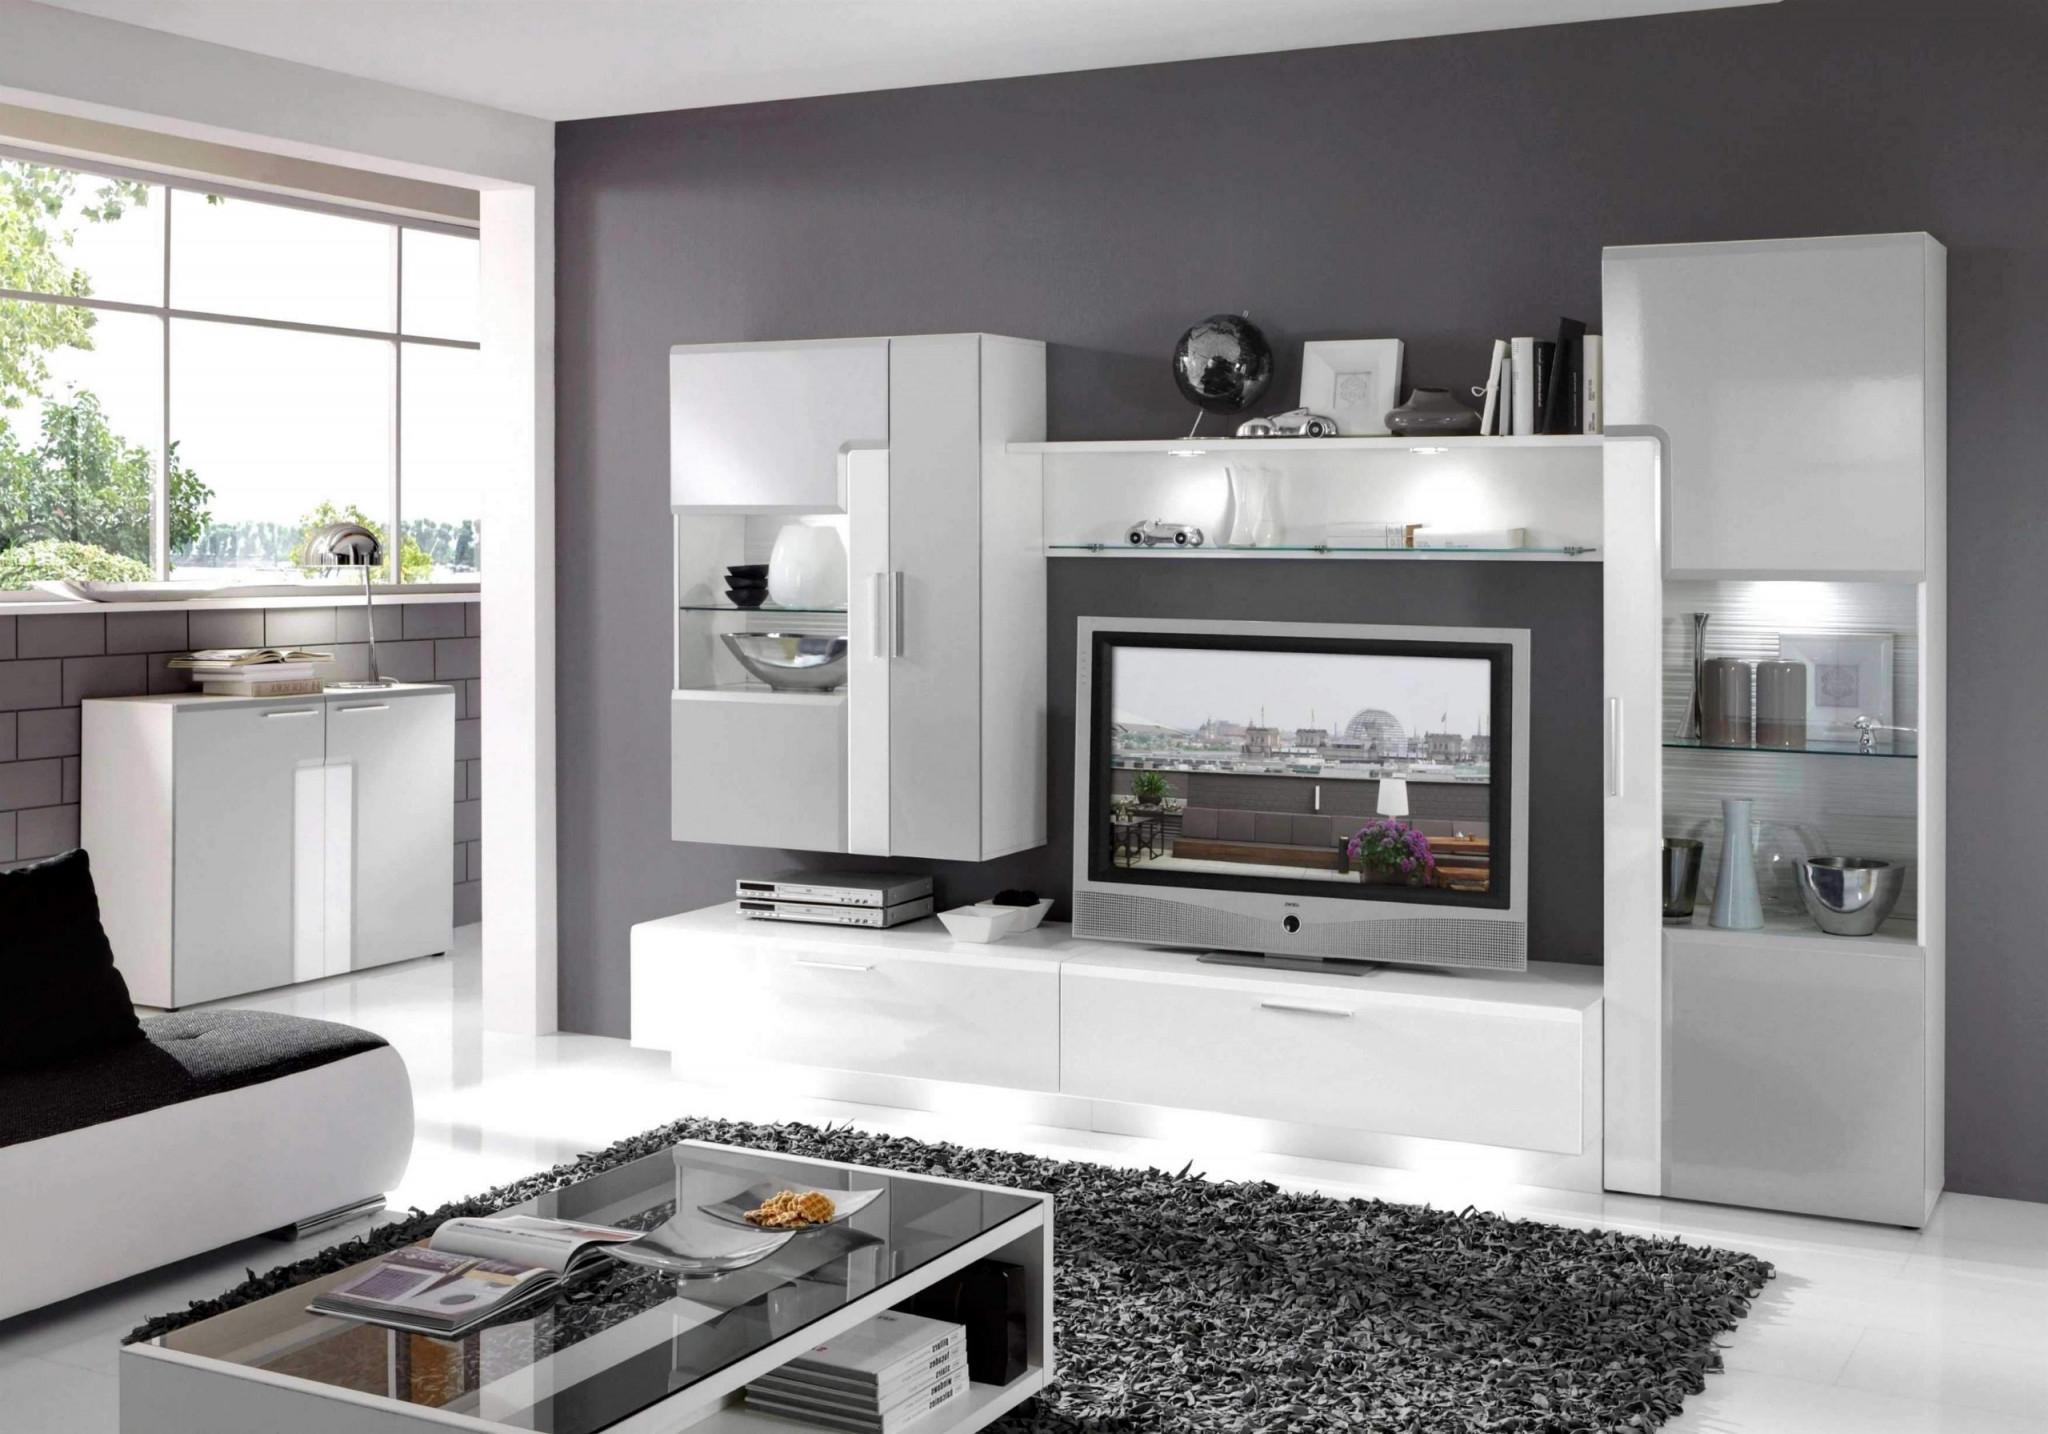 Wohnzimmer Gestalten Grau Das Beste Von 40 Einzigartig Von von Wohnzimmer In Grau Gestalten Photo